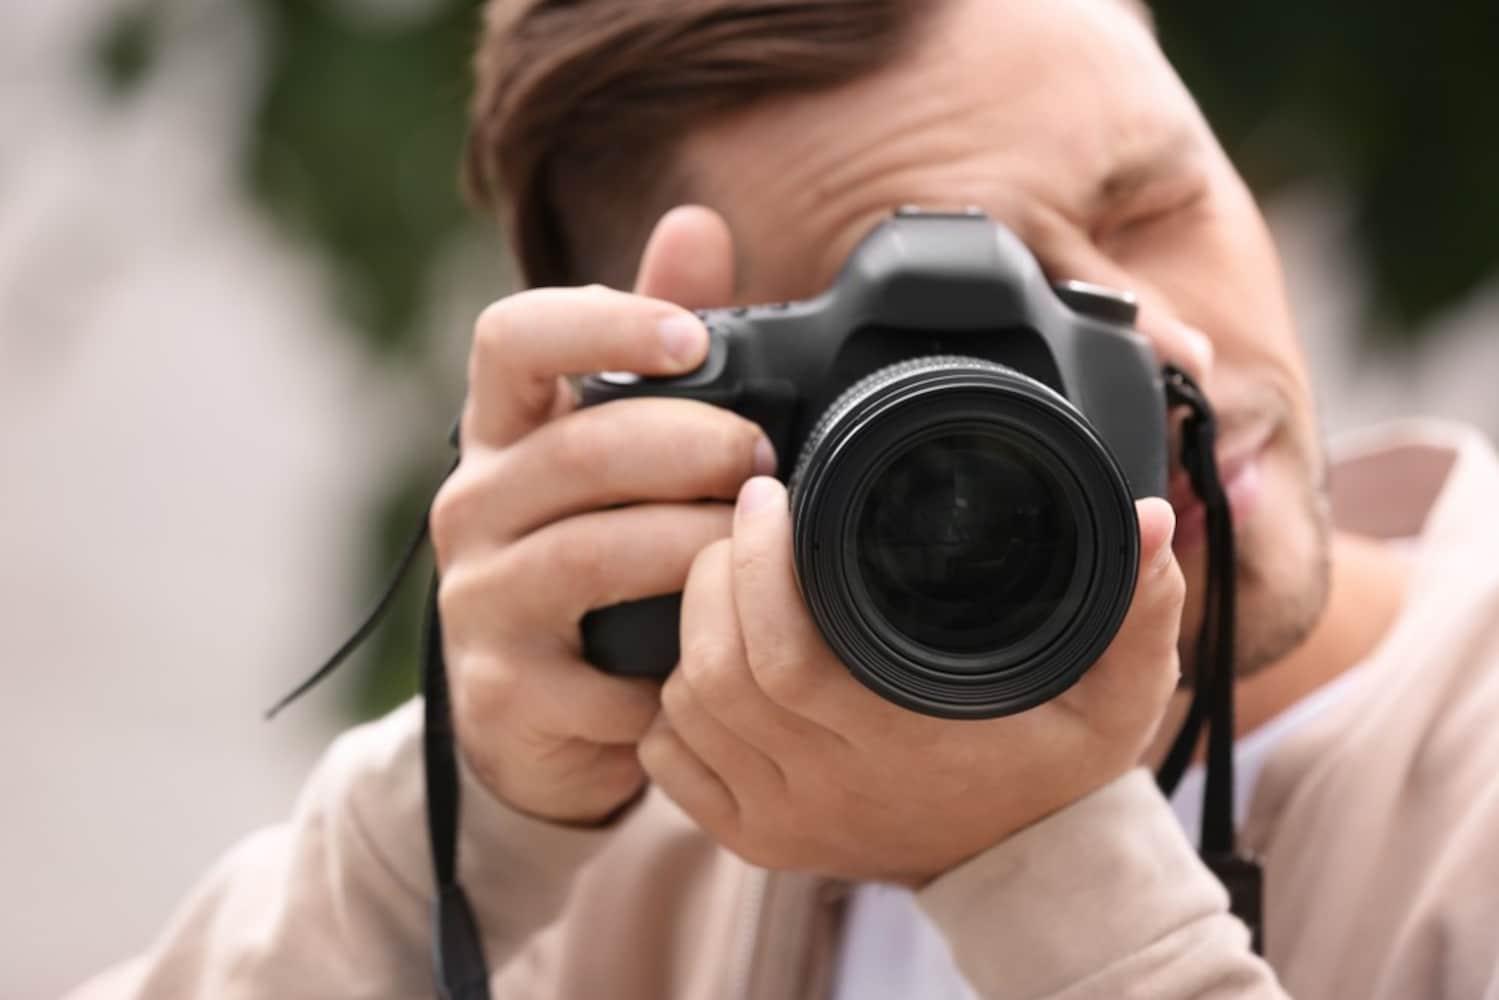 F値|F値が小さいほど明るく、ぼかしを効かせた写真が撮れる